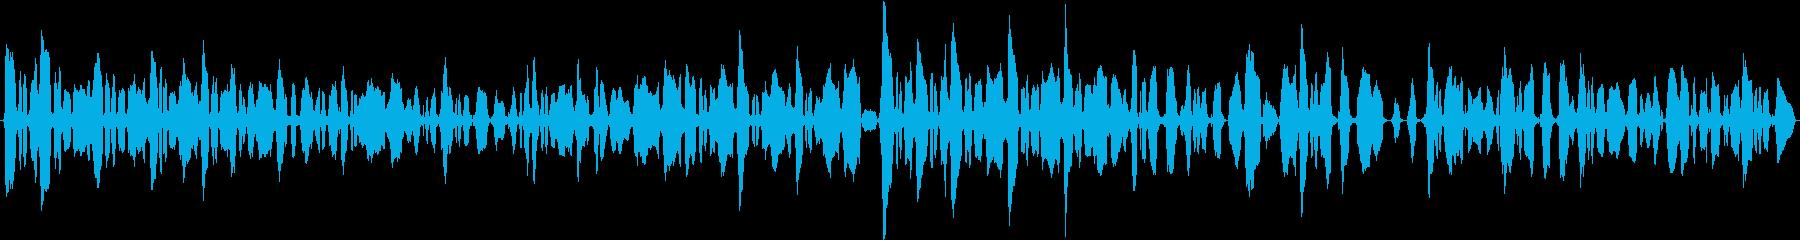 男性競売人:販売:Voice Ji...の再生済みの波形